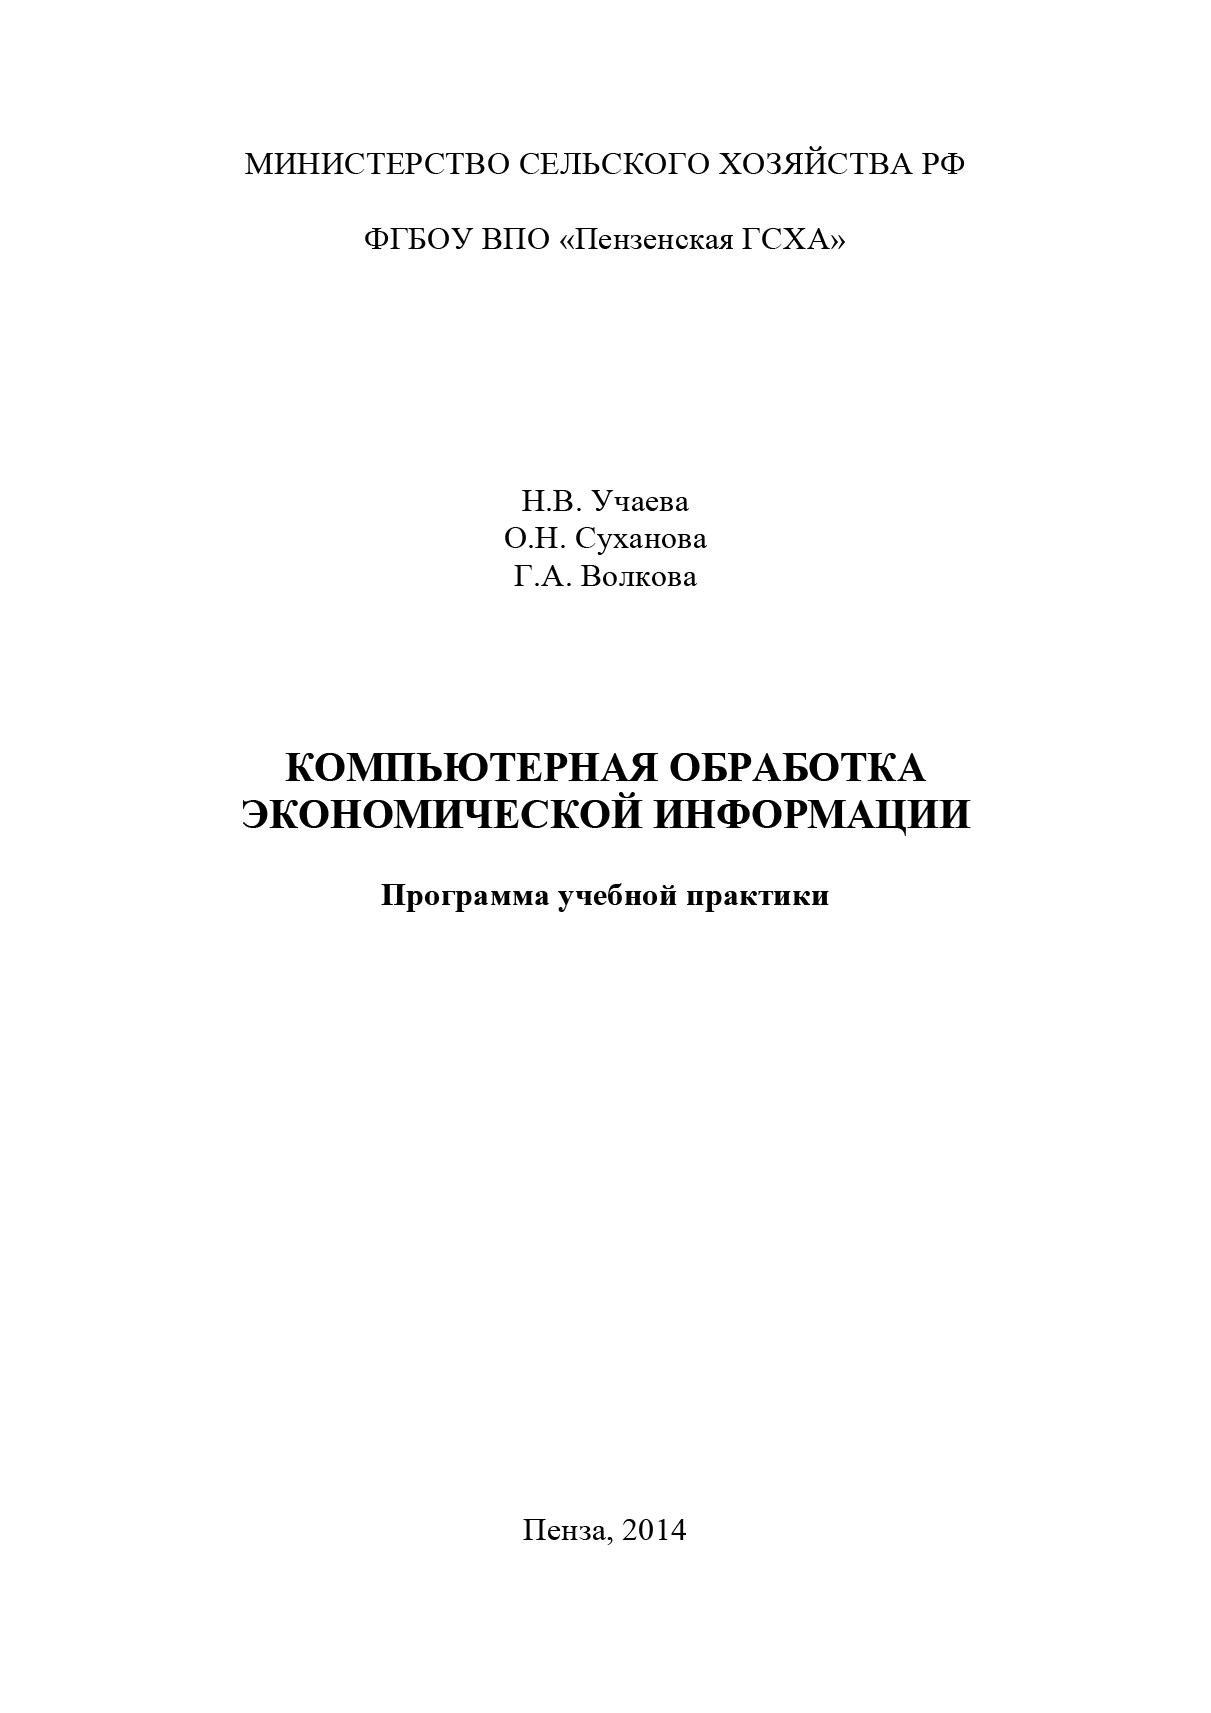 фото обложки издания Компьютерная обработка экономической информации